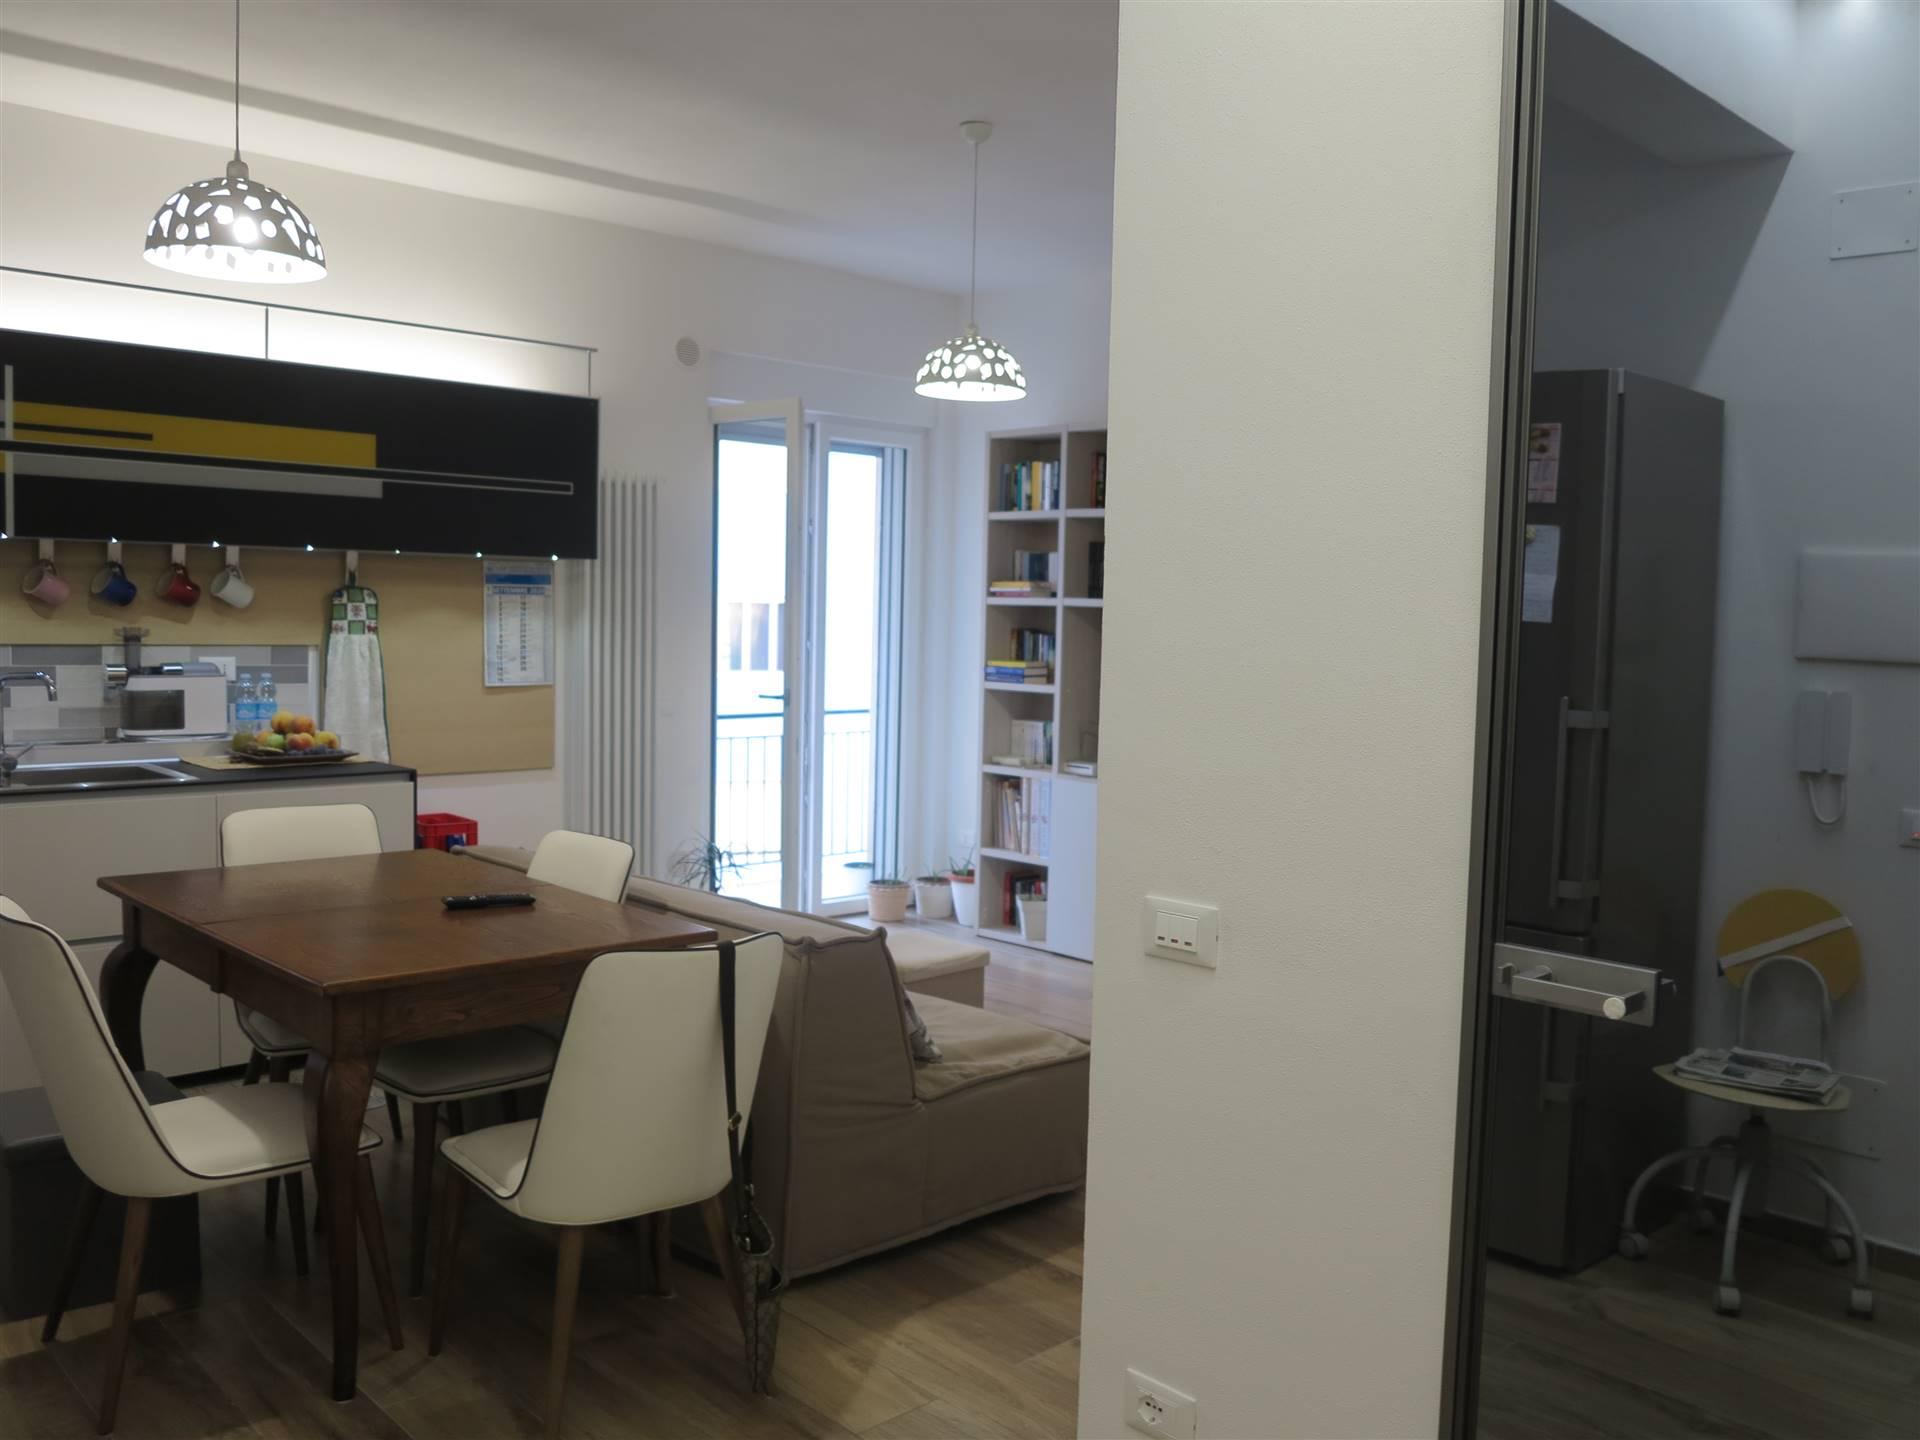 Appartamento in vendita a Follonica, 3 locali, zona Località: CENTRO, prezzo € 245.000 | CambioCasa.it